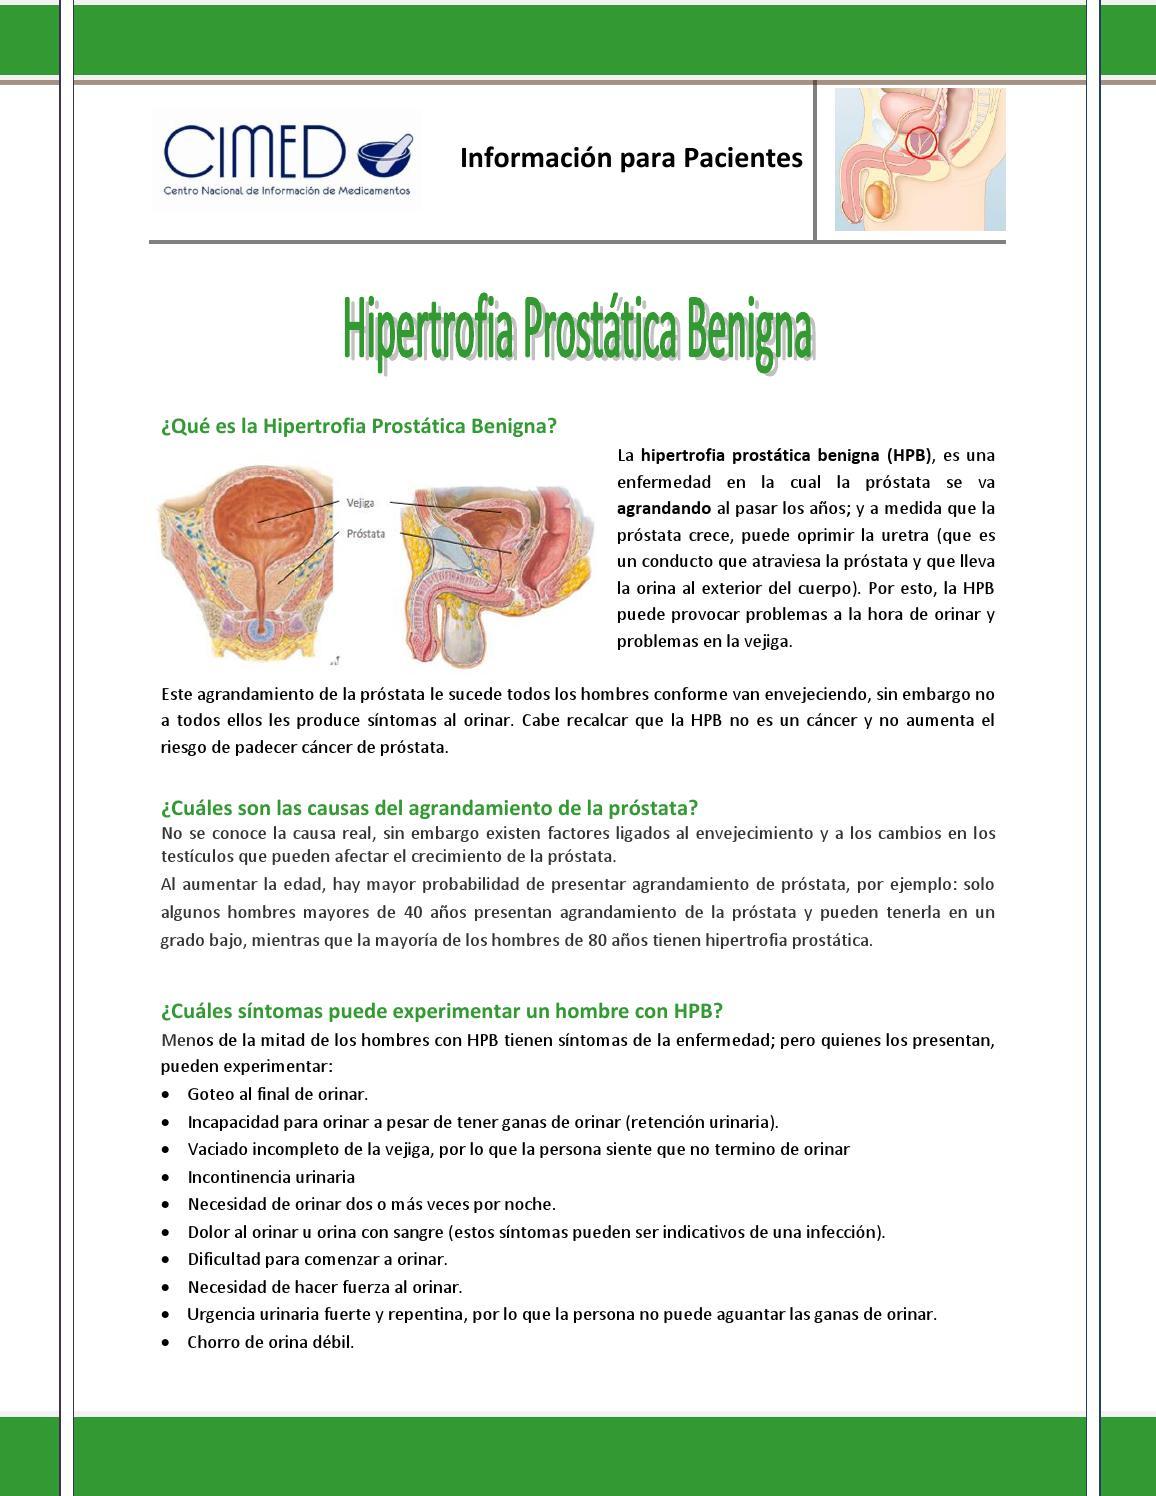 ¿Qué es la hipertrofia prostática?